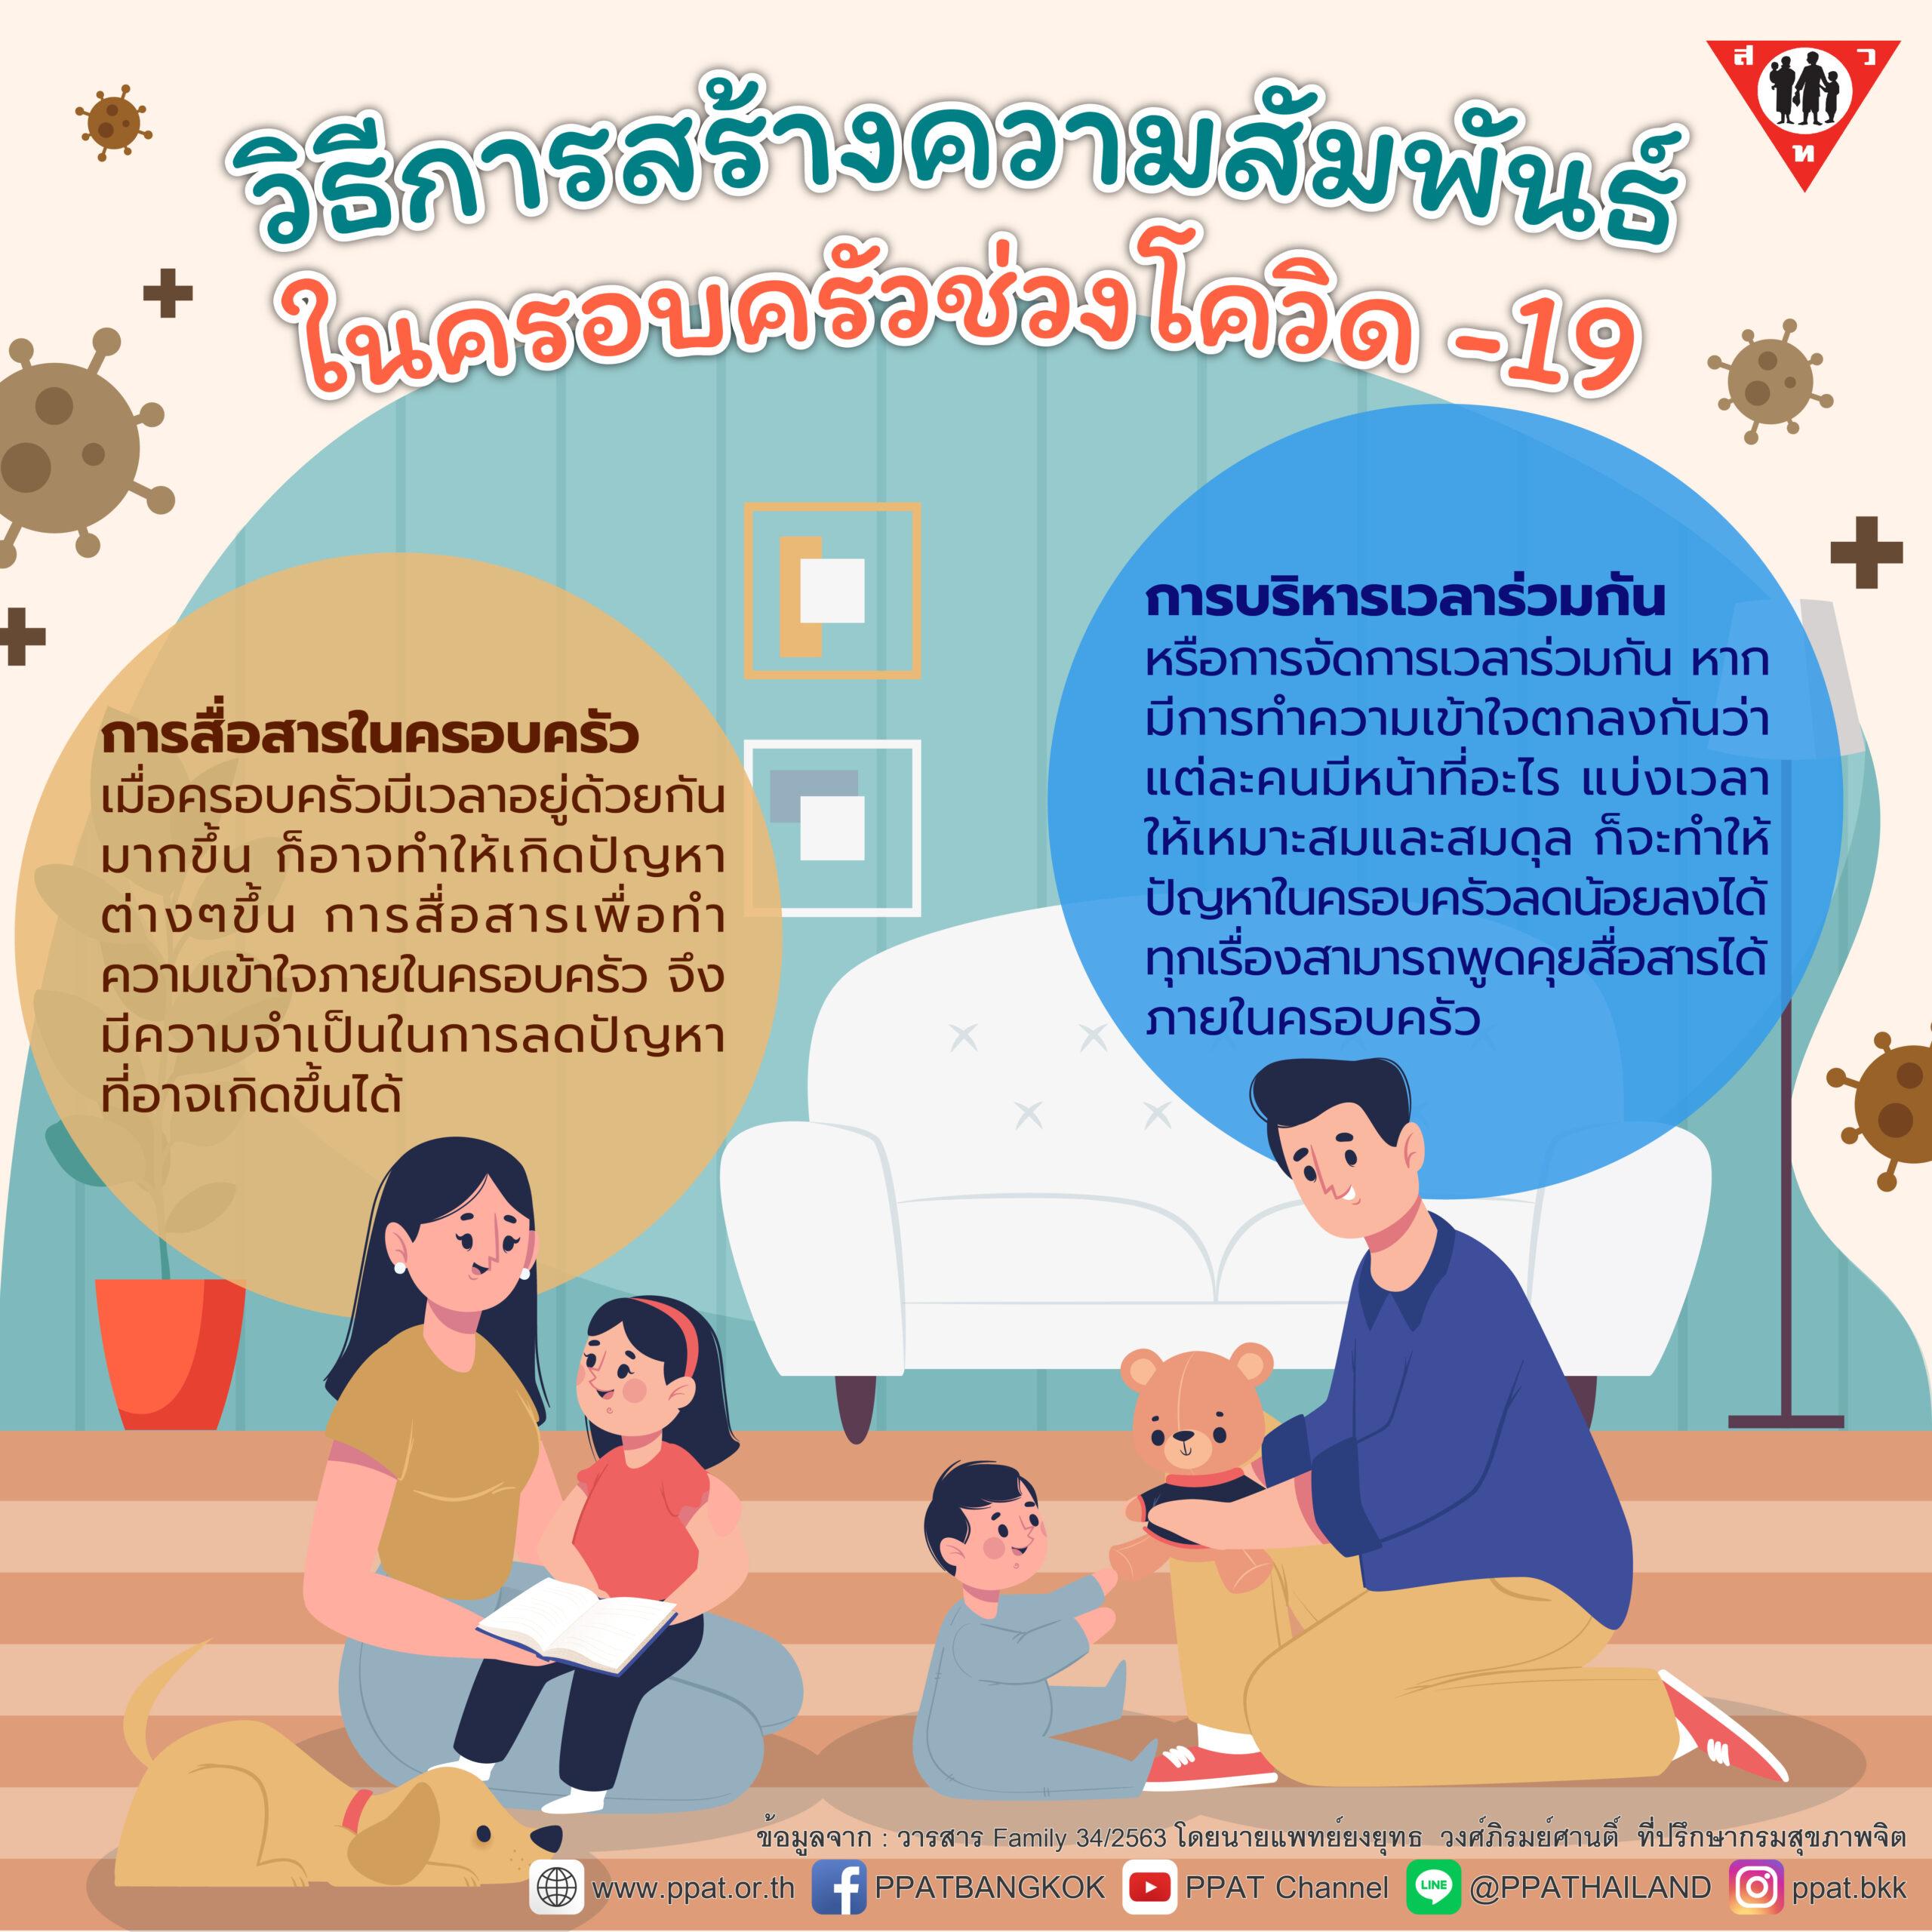 วิธีการสร้างความสัมพันธ์ในครอบครัวช่วงโควิด -19-01